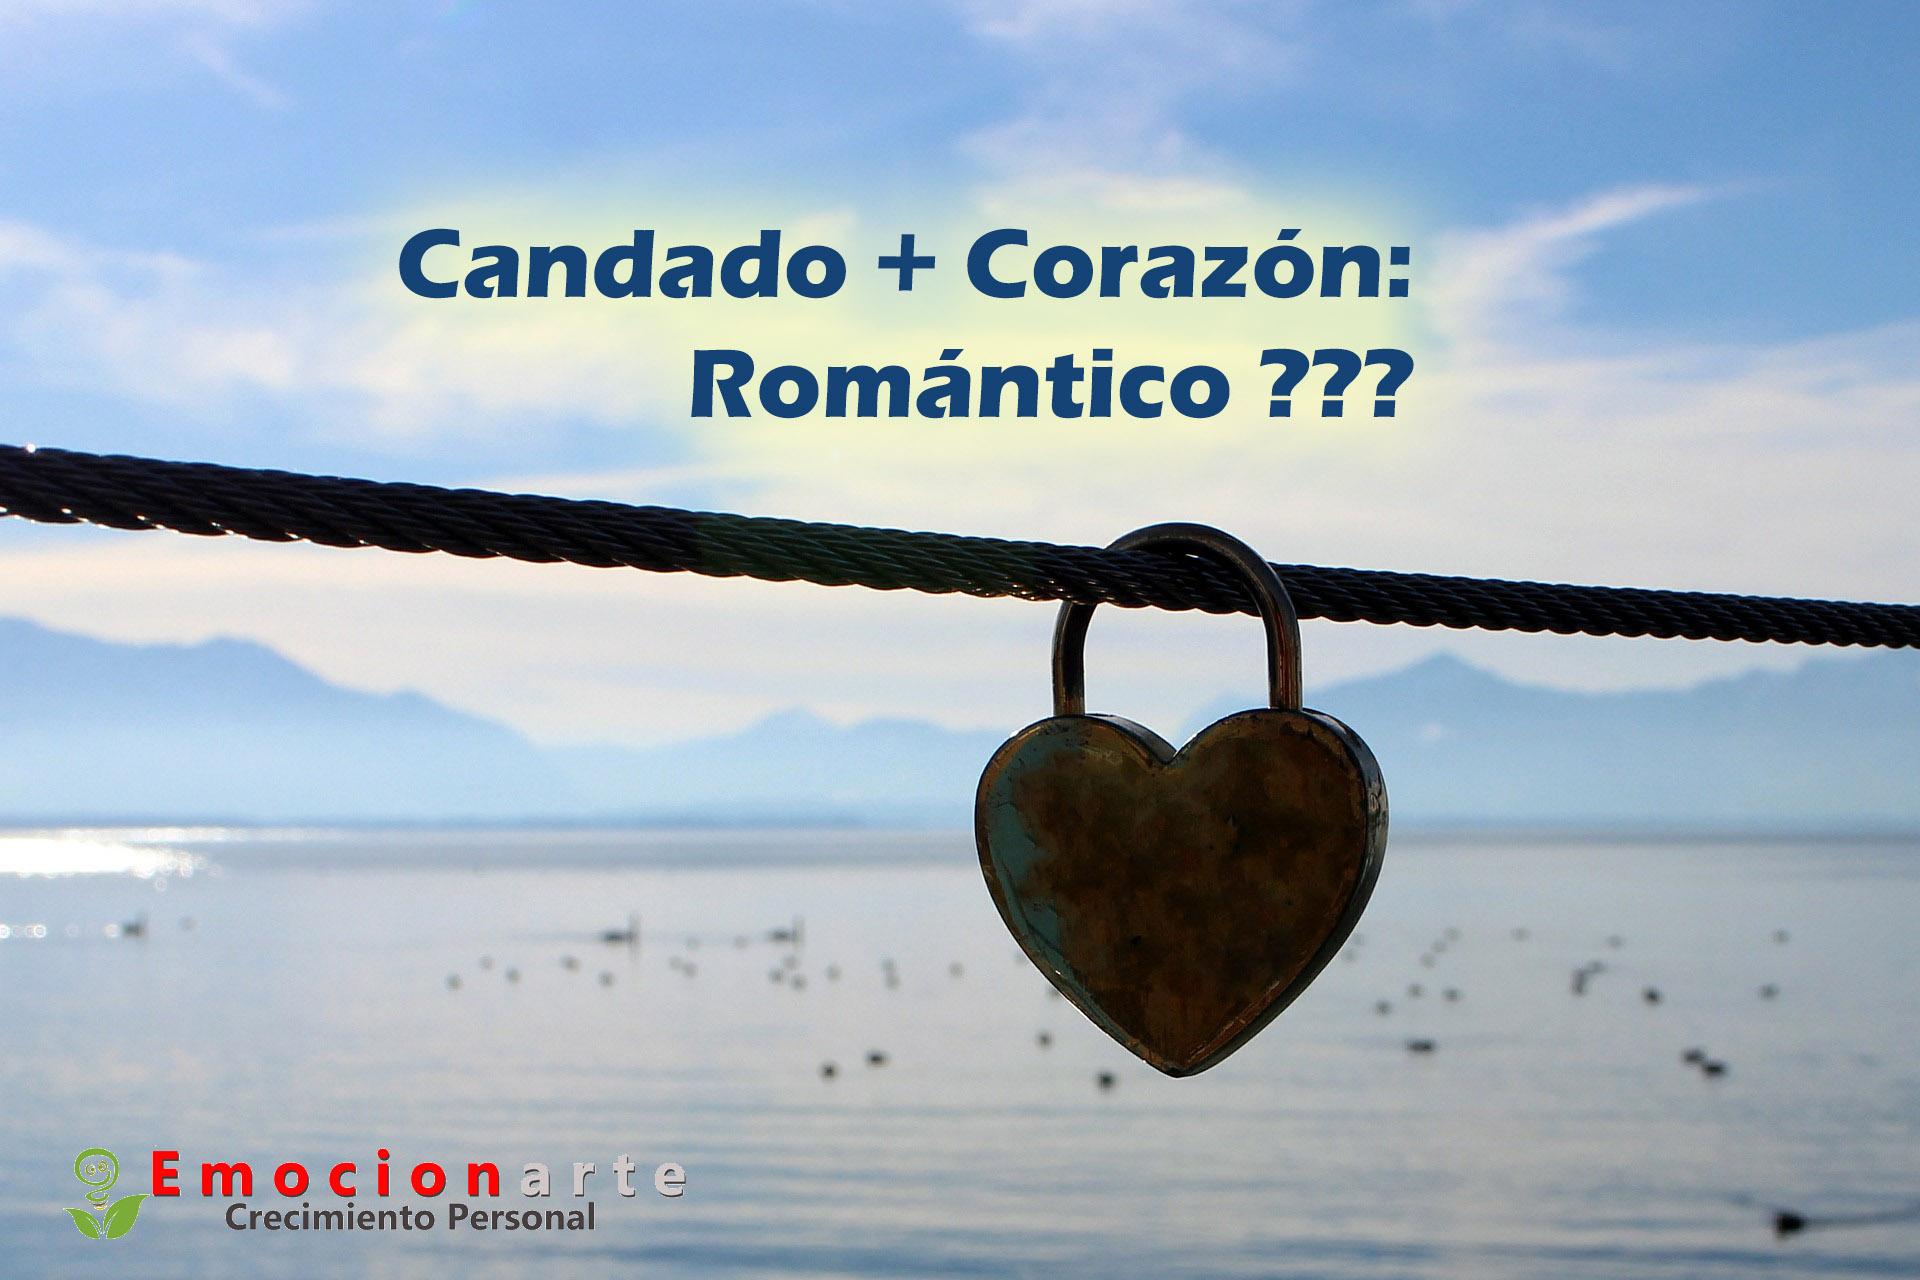 ¿ Candado, Corazón: romántico ?